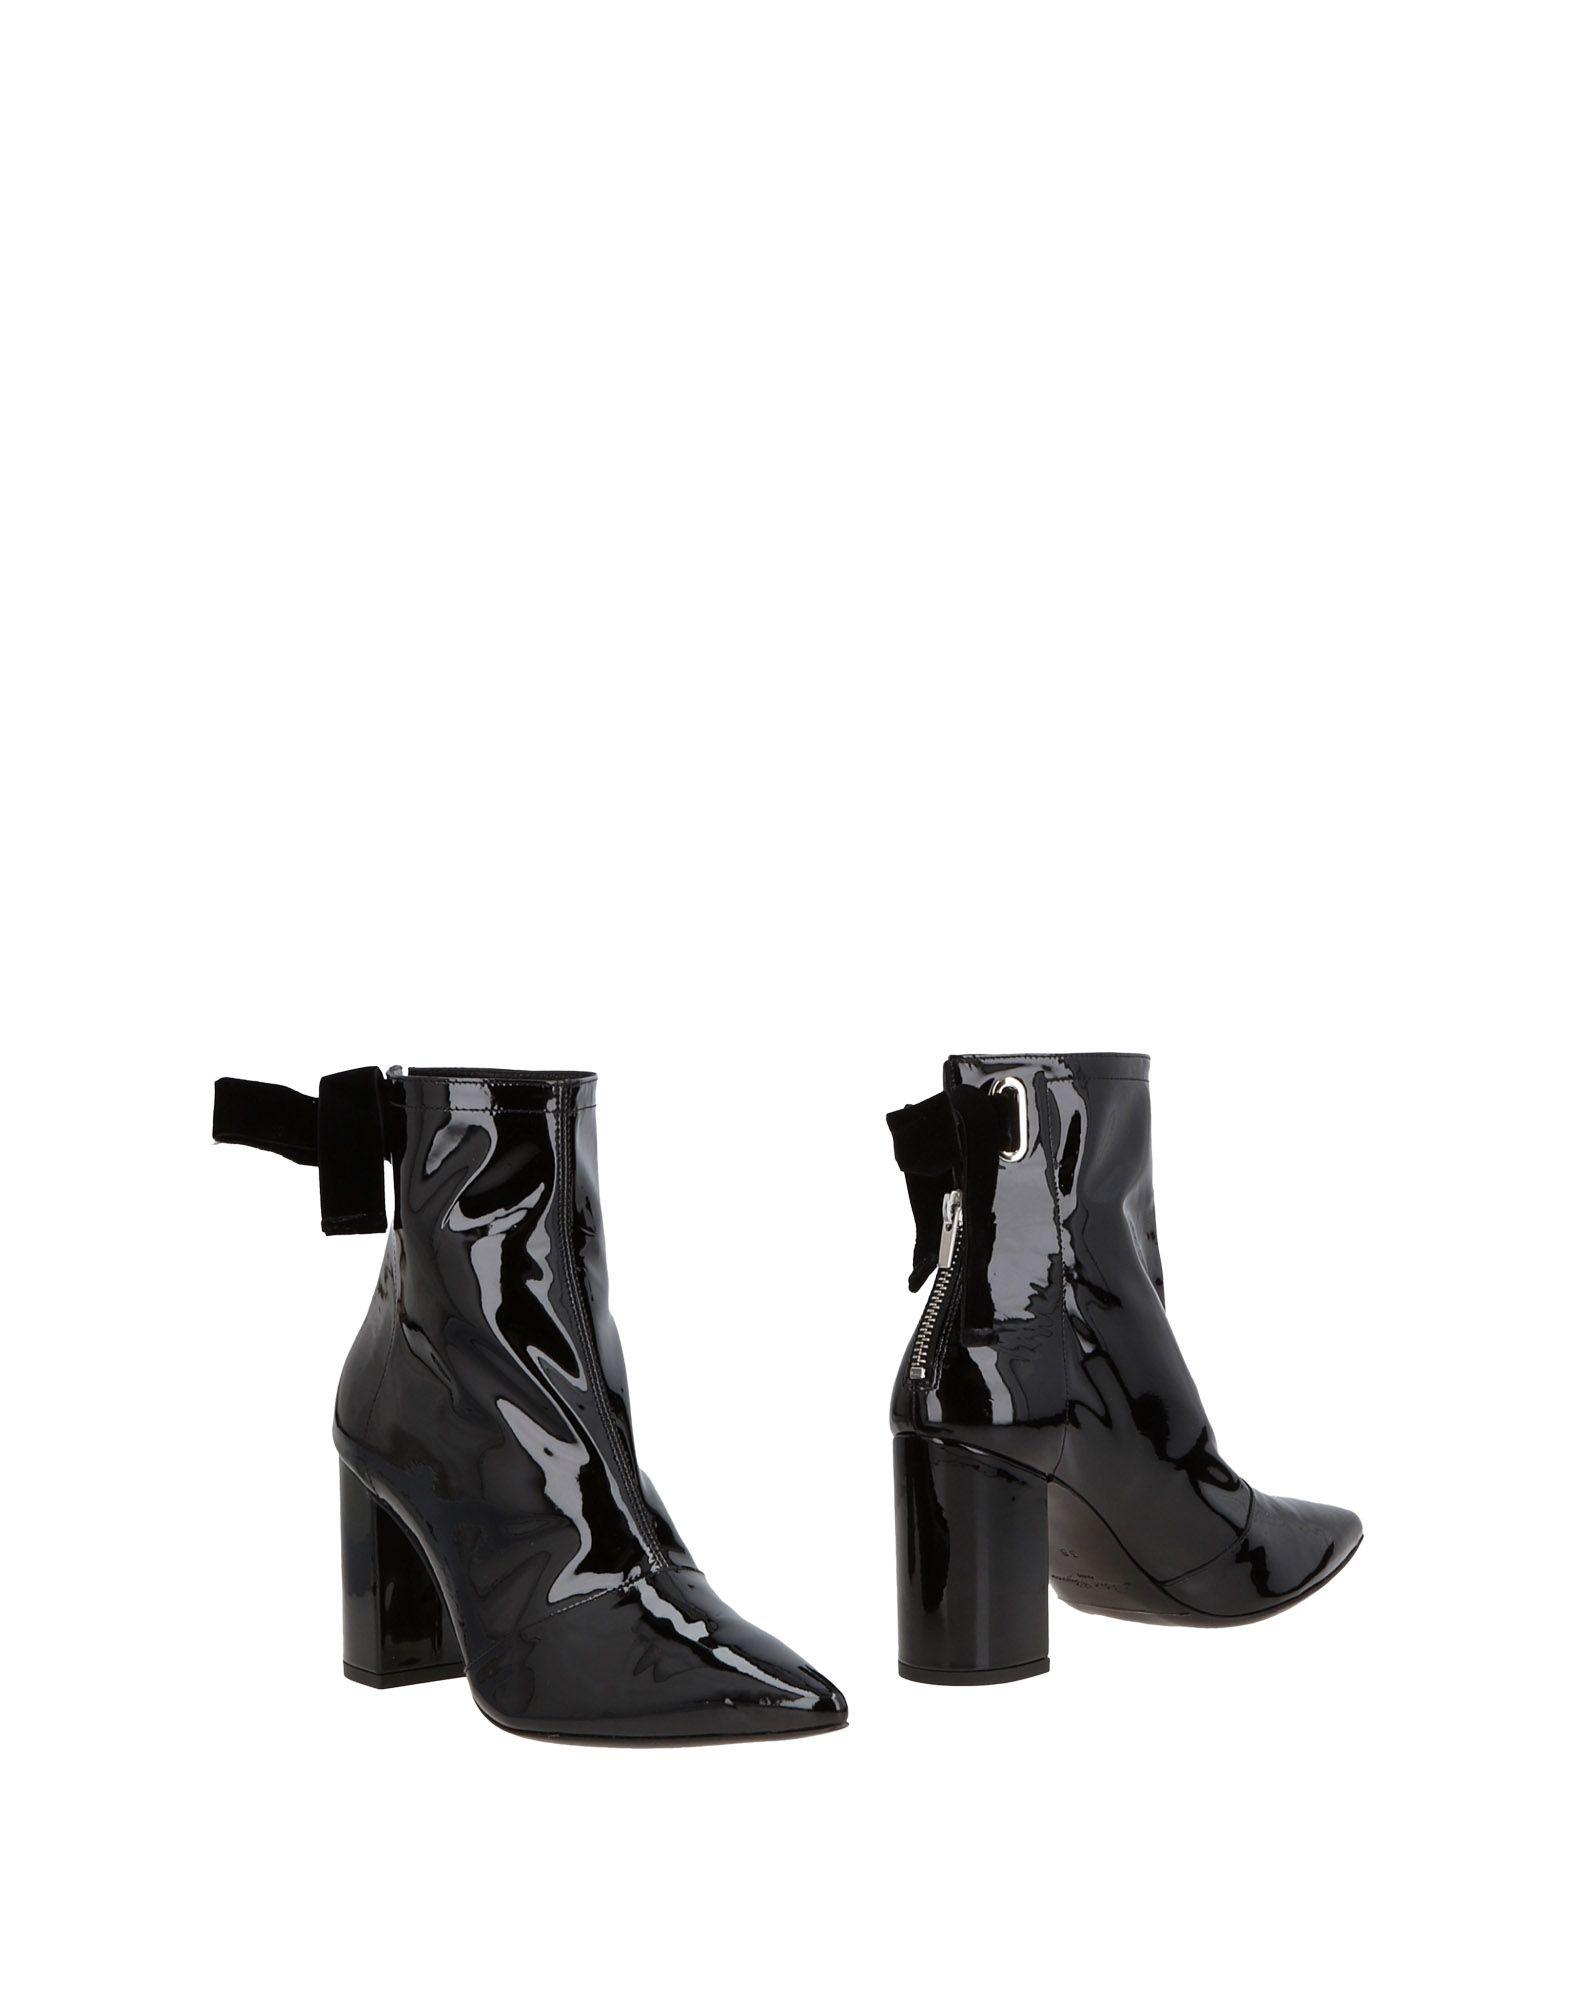 Фото - ROBERT CLERGERIE & SELF-PORTRAIT Полусапоги и высокие ботинки robert clergerie полусапоги и высокие ботинки